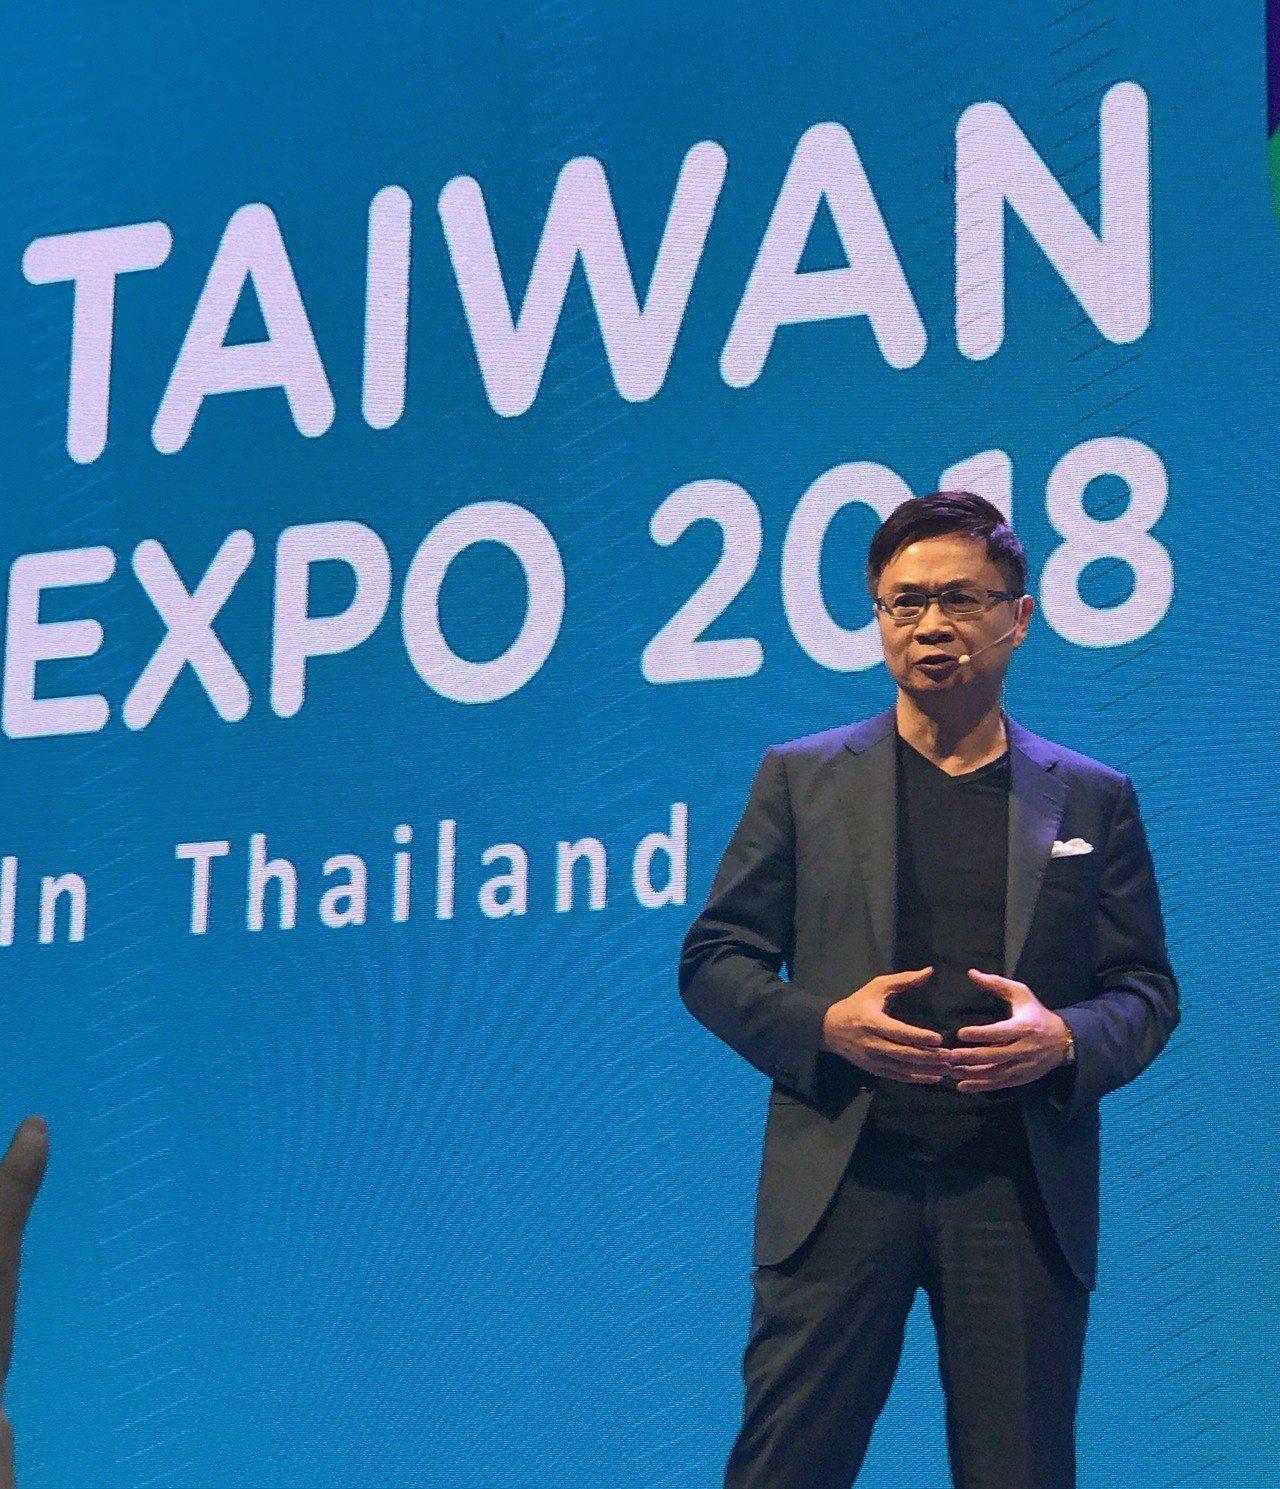 「2018年泰國台灣形象展」於今(30)日至9月1日於曼谷BITEC會展中心隆重...